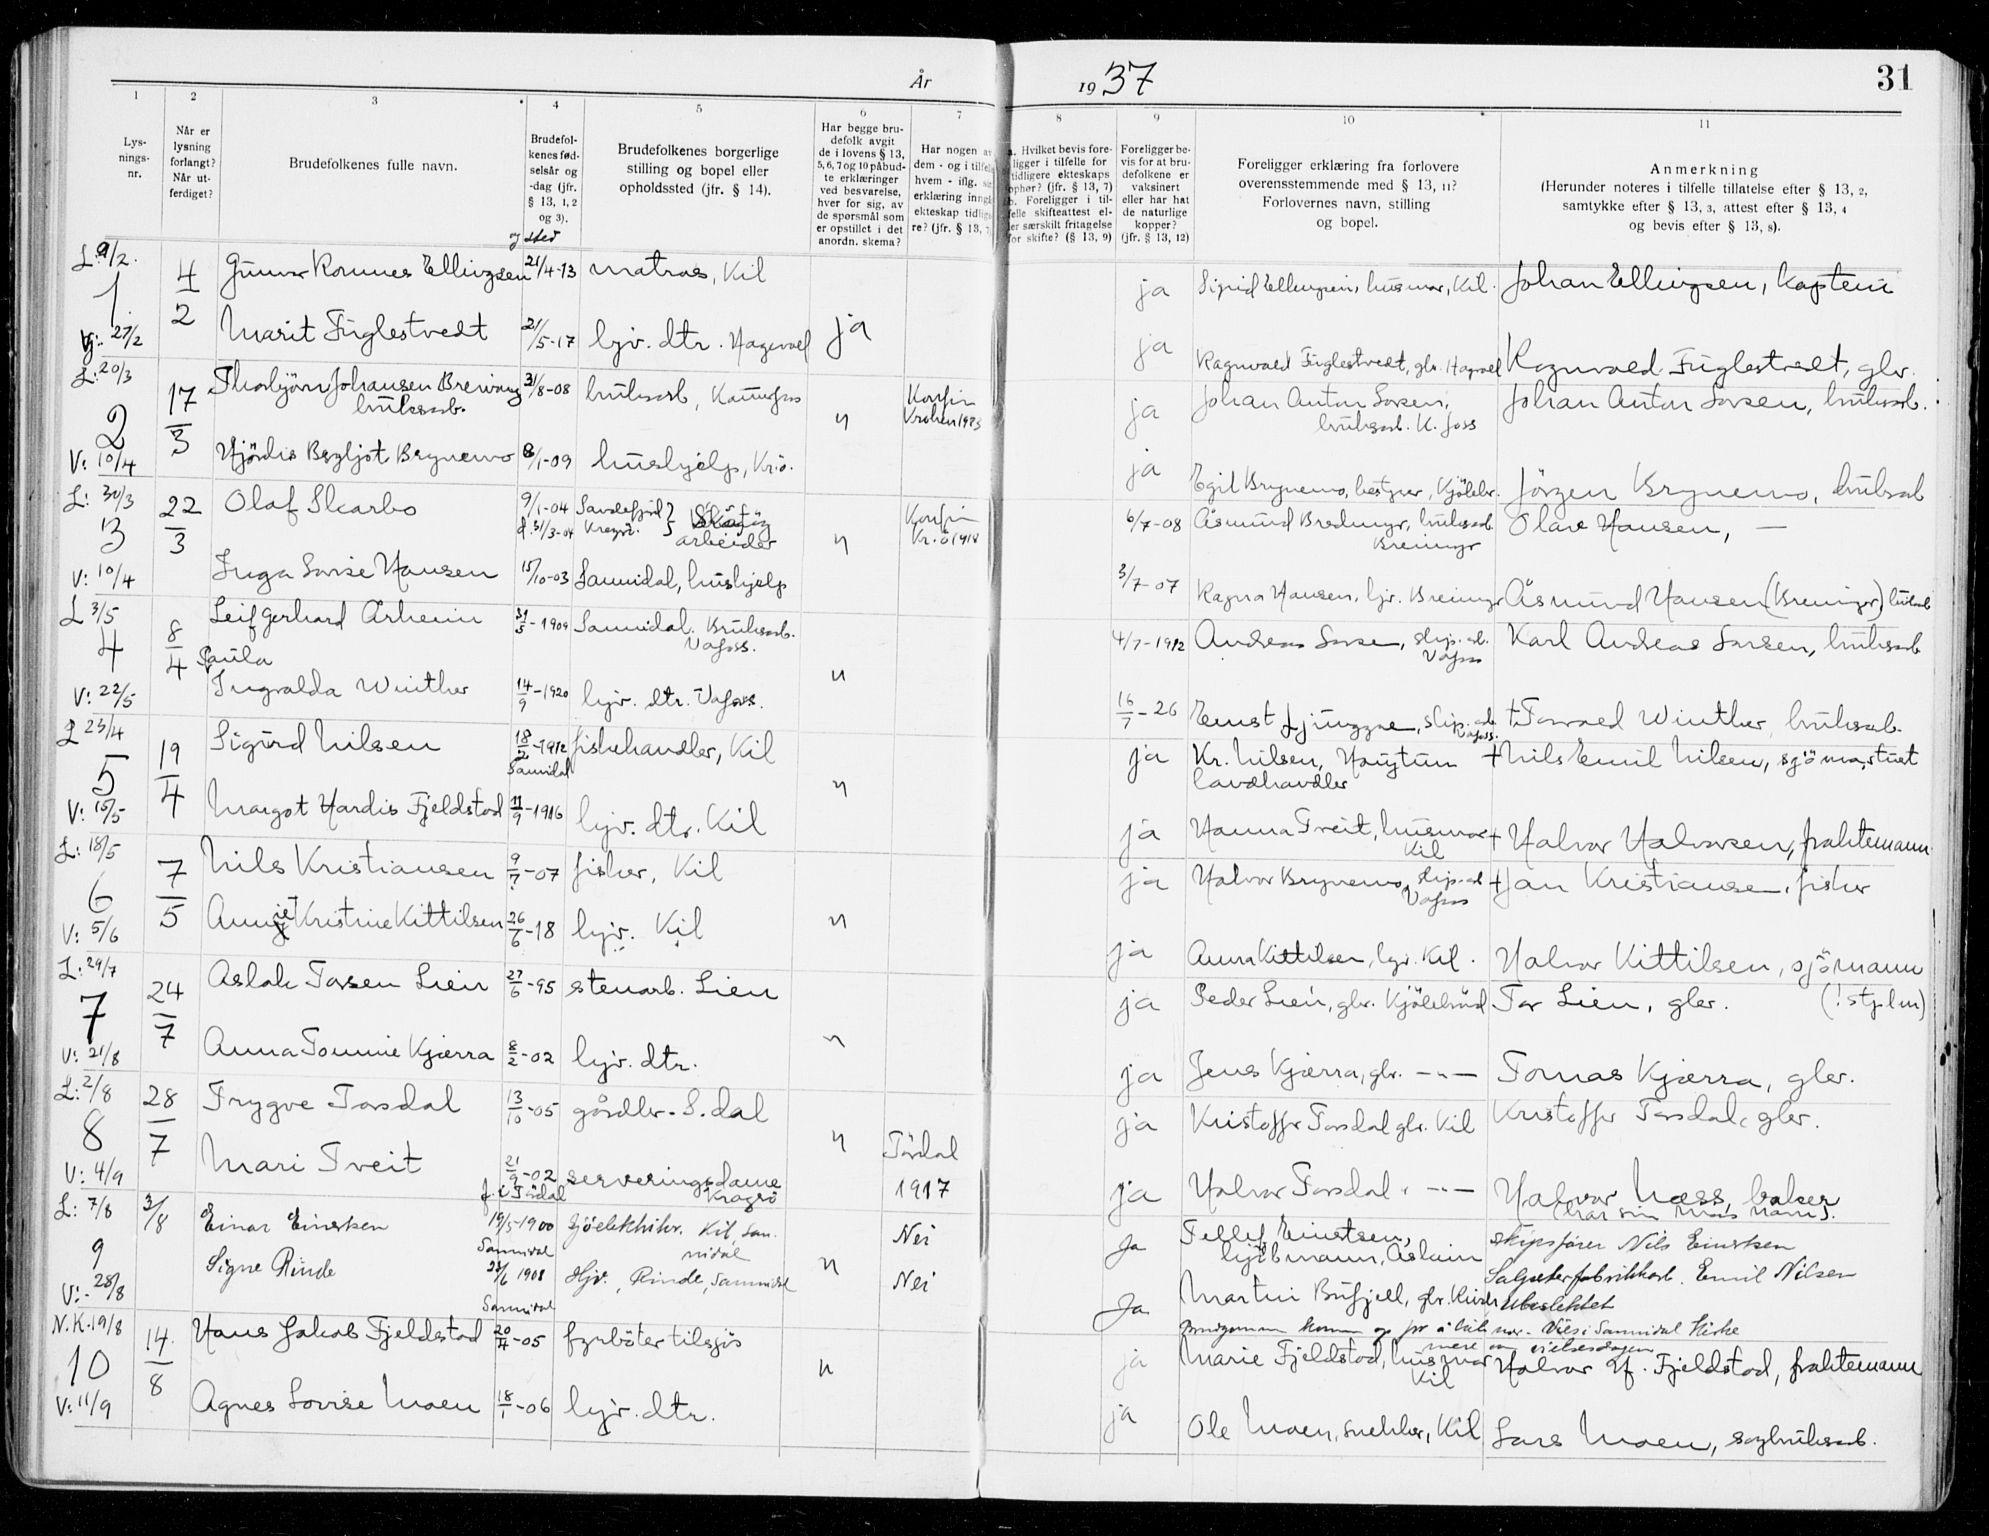 SAKO, Sannidal kirkebøker, H/Ha/L0002: Lysningsprotokoll nr. 2, 1919-1942, s. 31